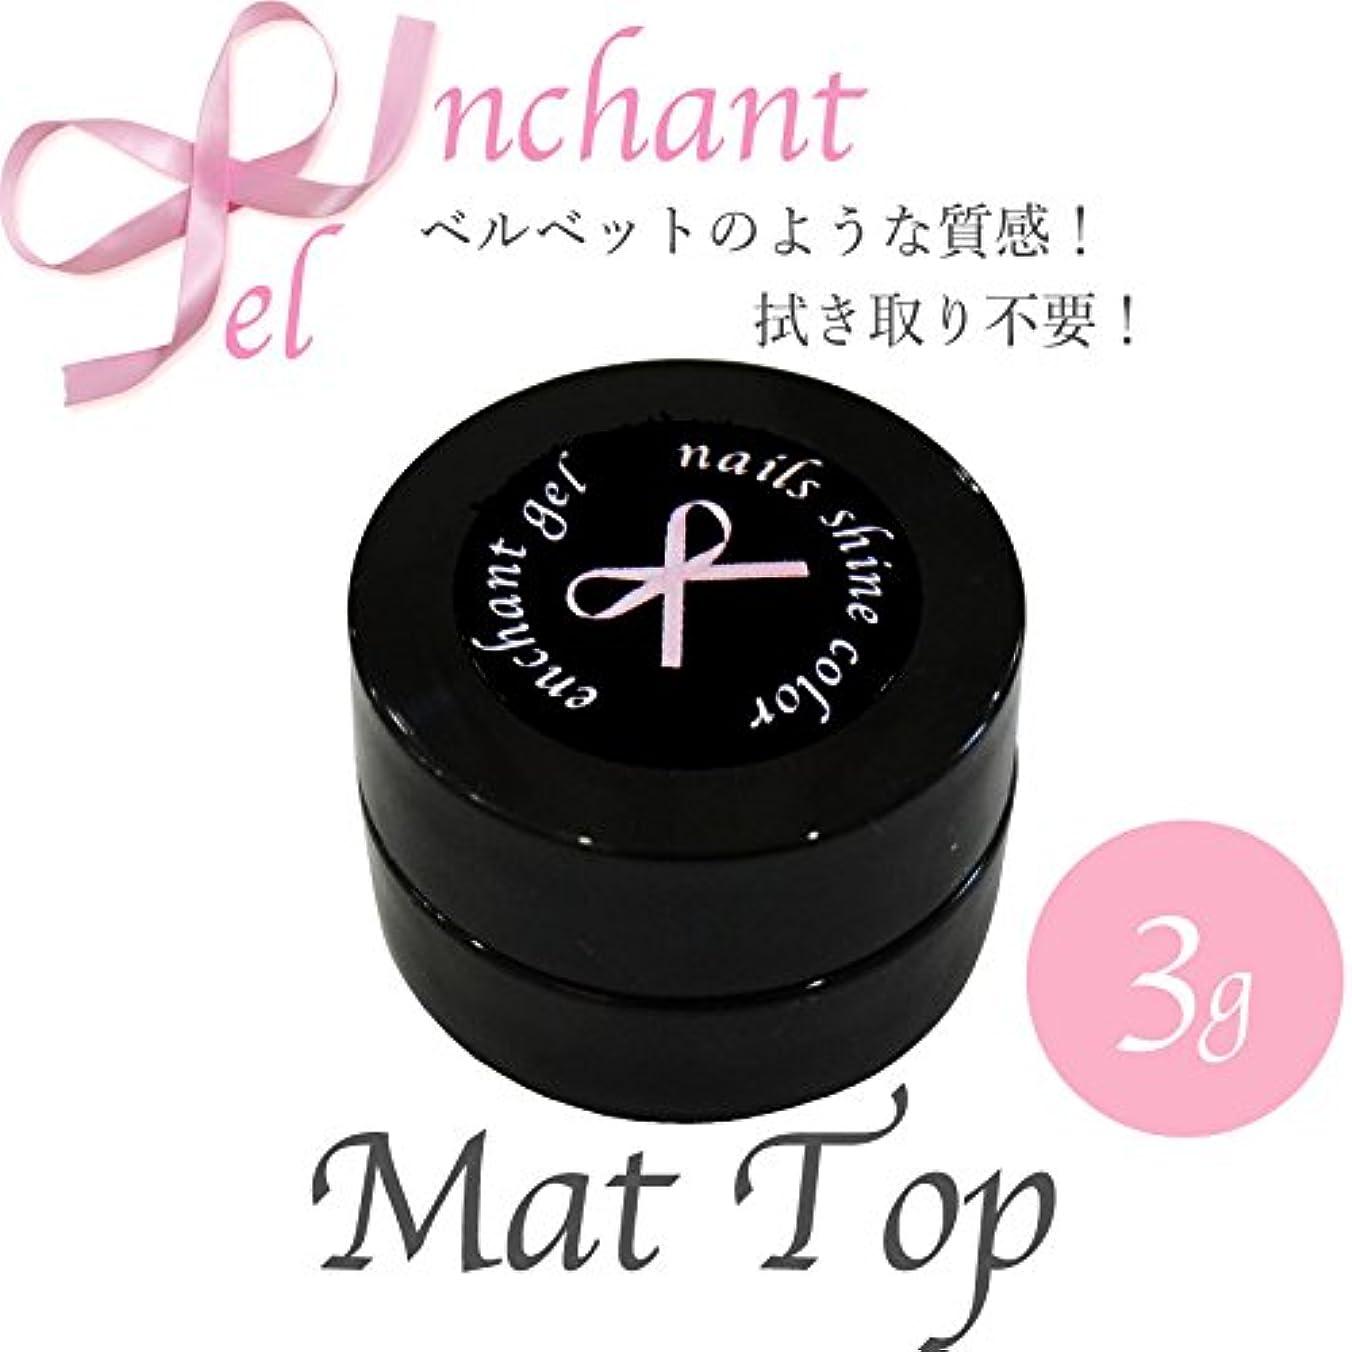 分布アーカイブ底enchant gel mat top coat gel 3g/エンチャントジェル マットトップコートジェル 3グラム